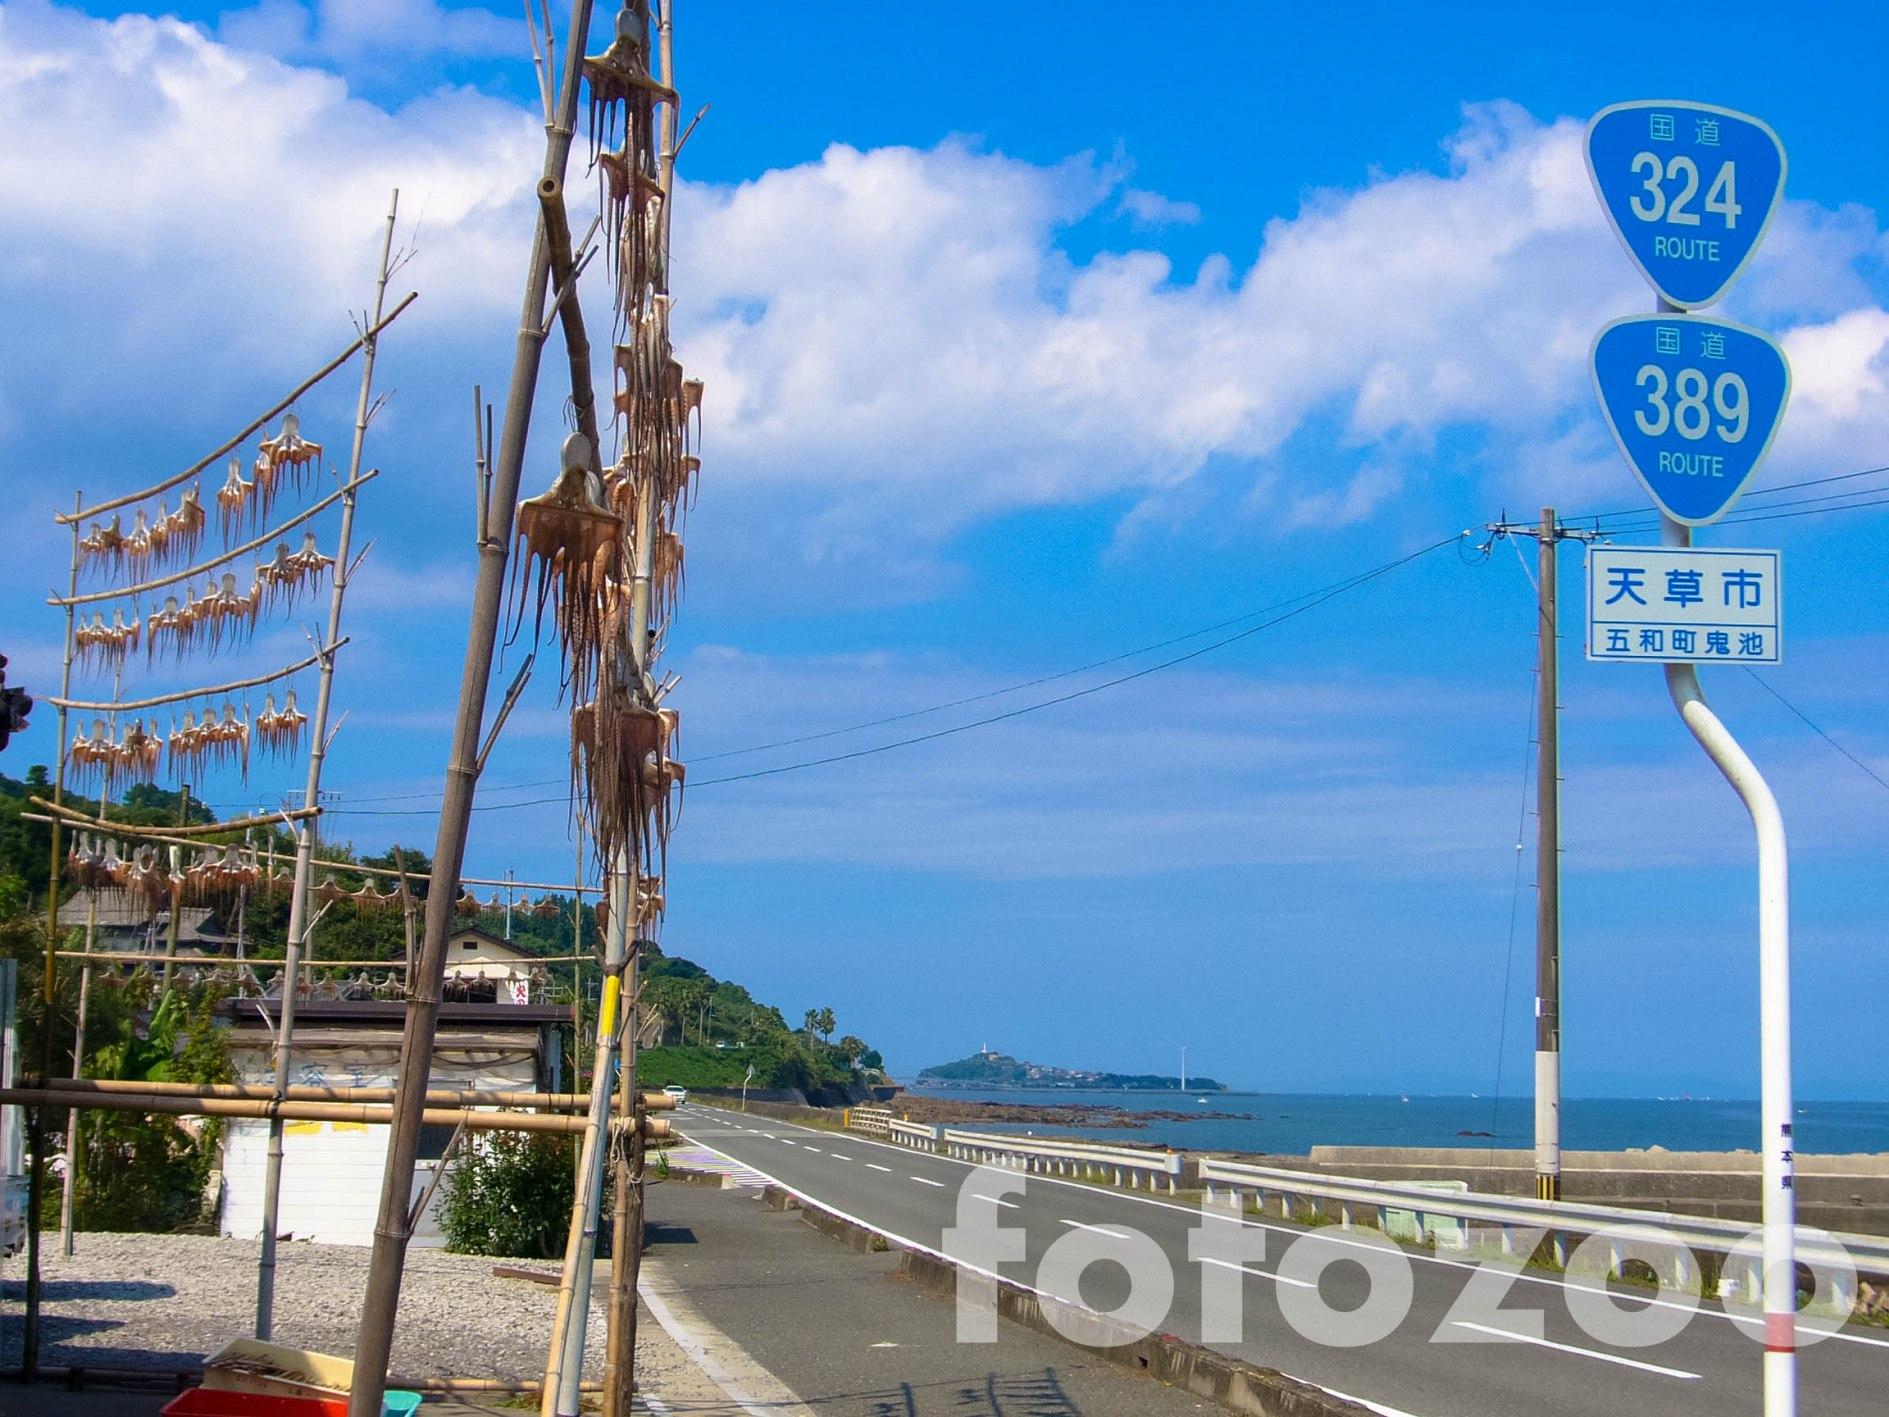 Tintahalak száradnak a háromszázvalahányas országút mentén, az Amakusza szigeteken. Gyorséttermek hiányában kénytelenek igazi halat enni errefelé.